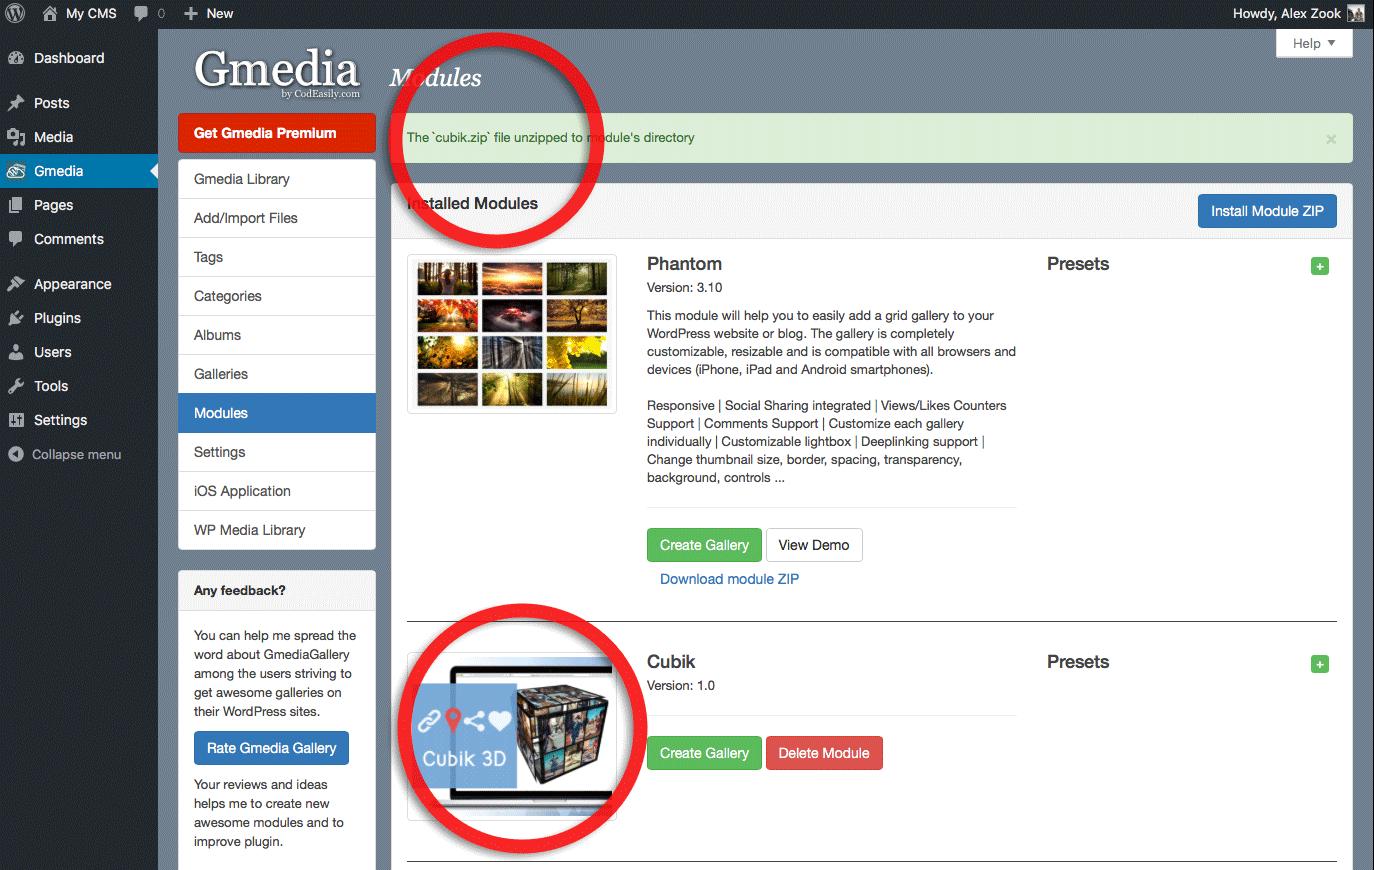 Elive 20 installer module download